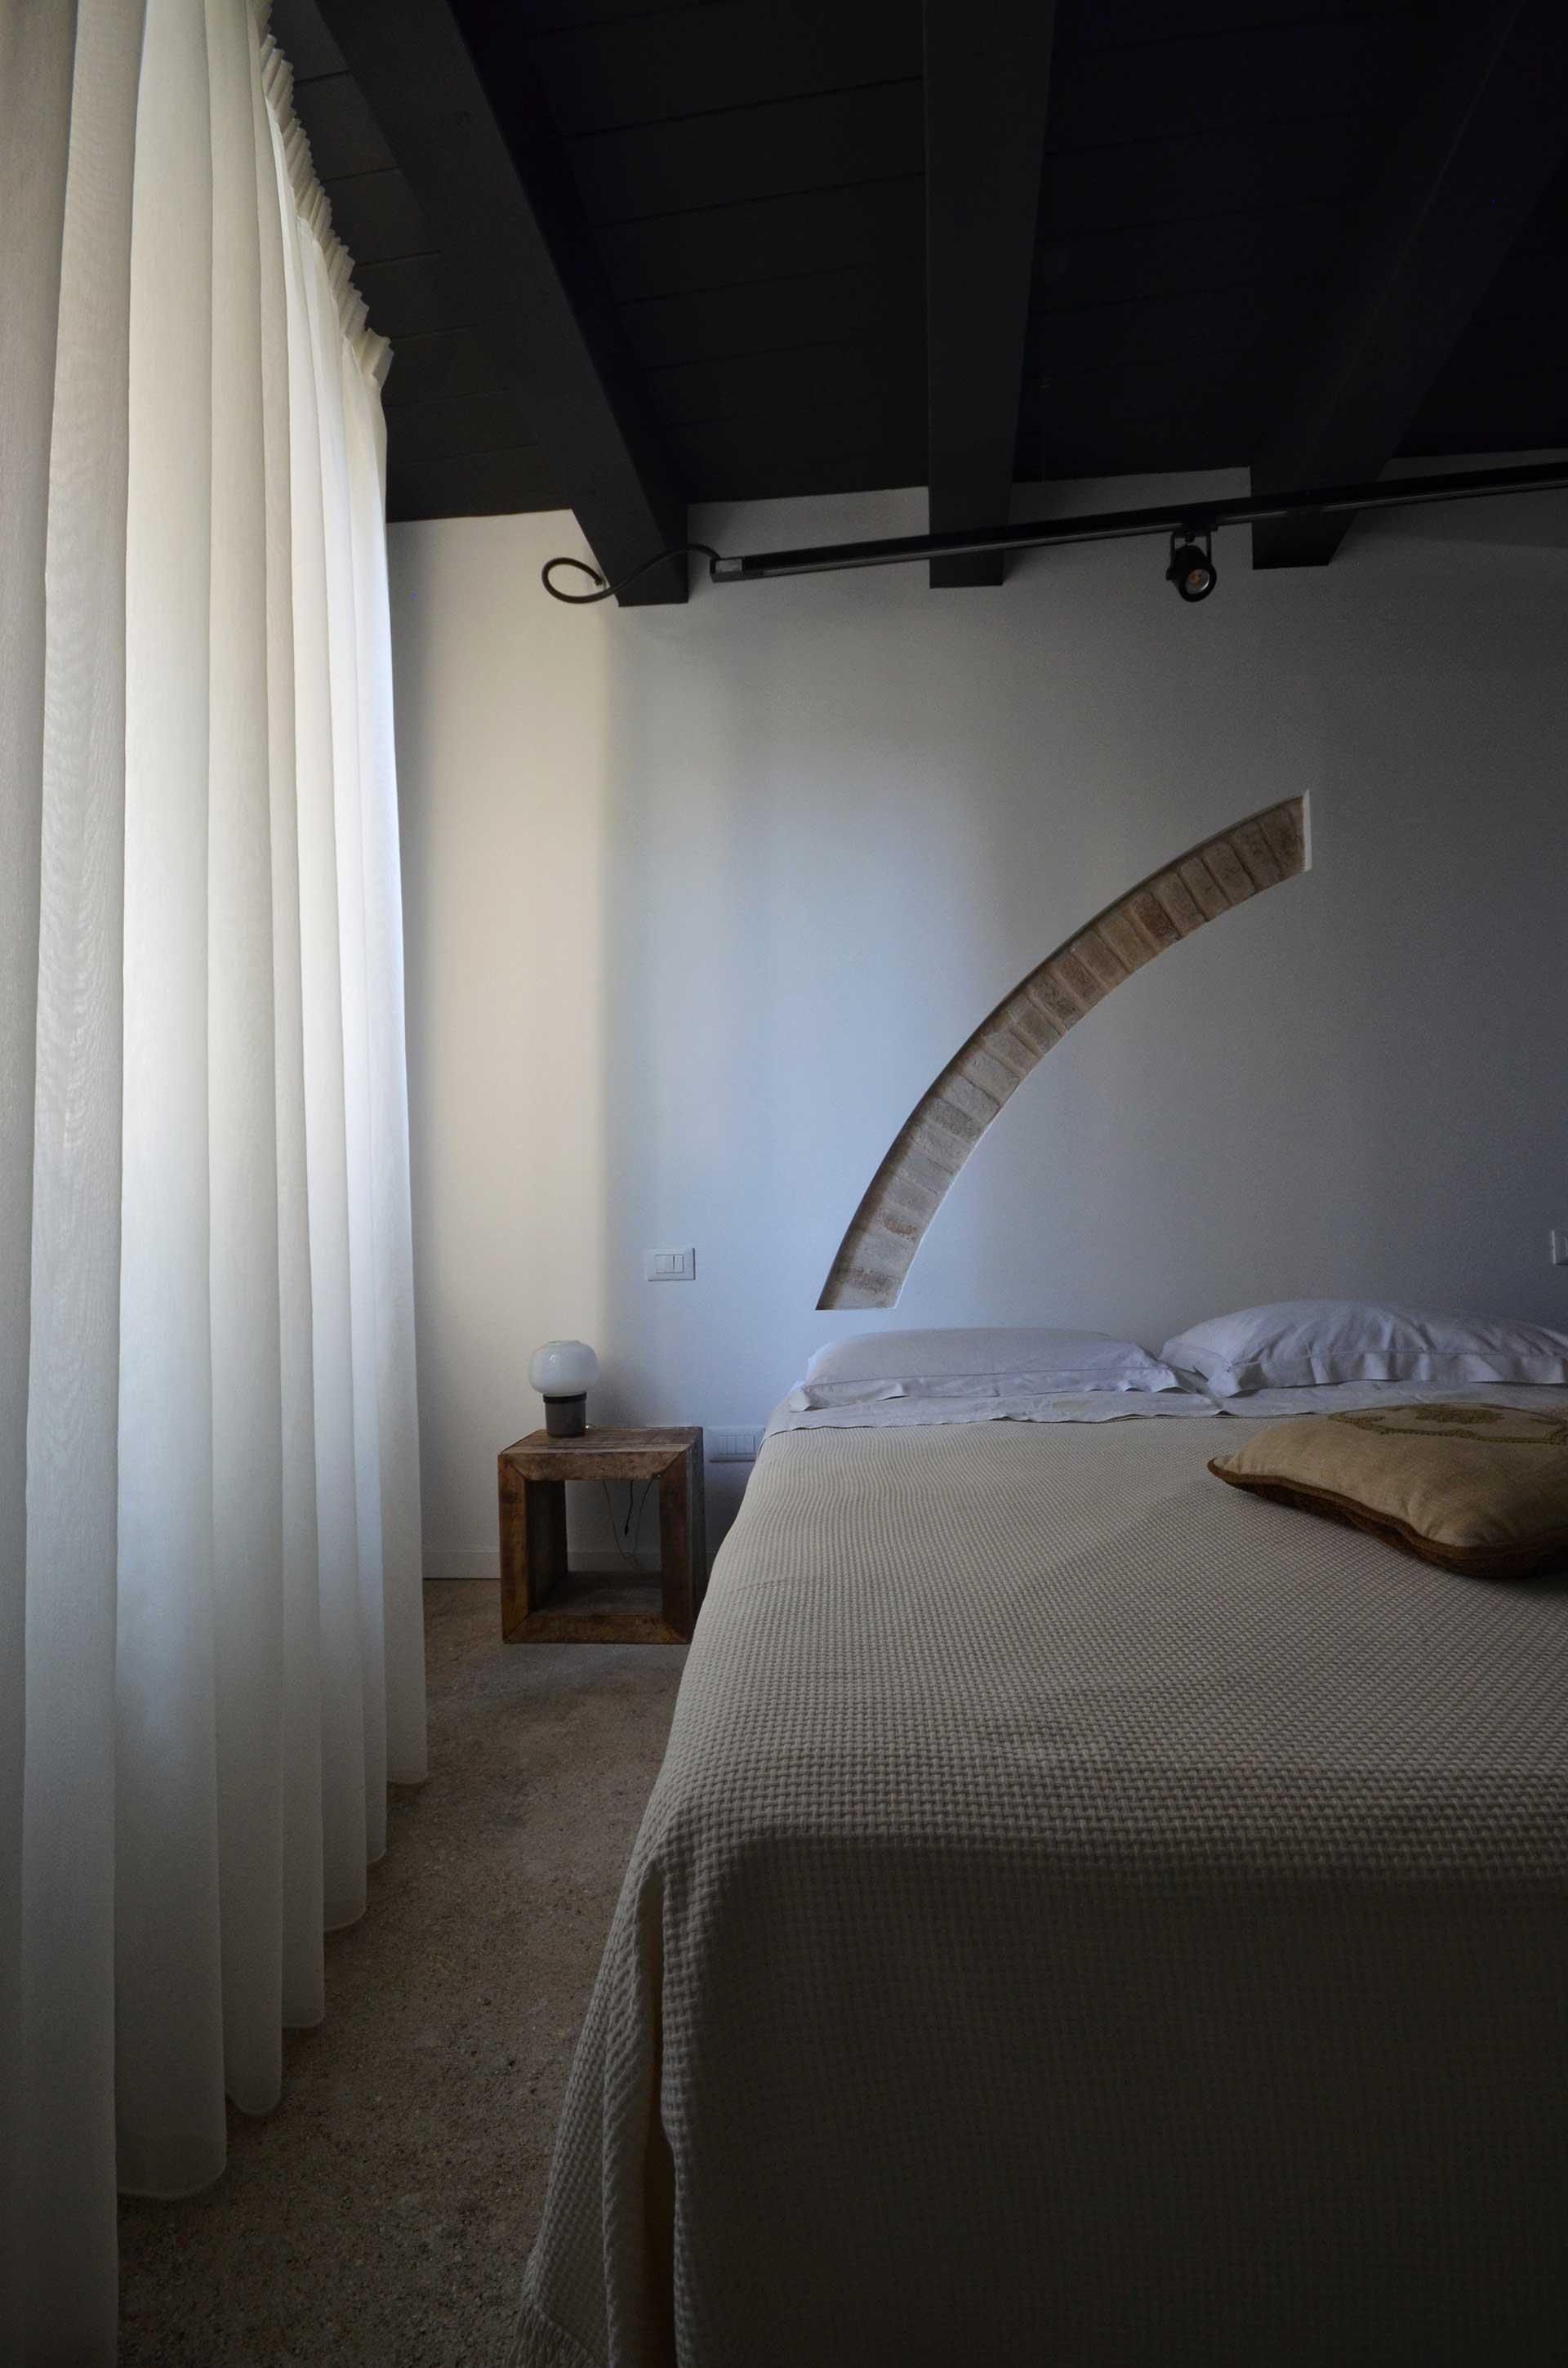 casa CM127. la testata del letto caratterizzata dalla presenza dell'antico arco che è stato trovato durante i lavori di ristrutturazione.